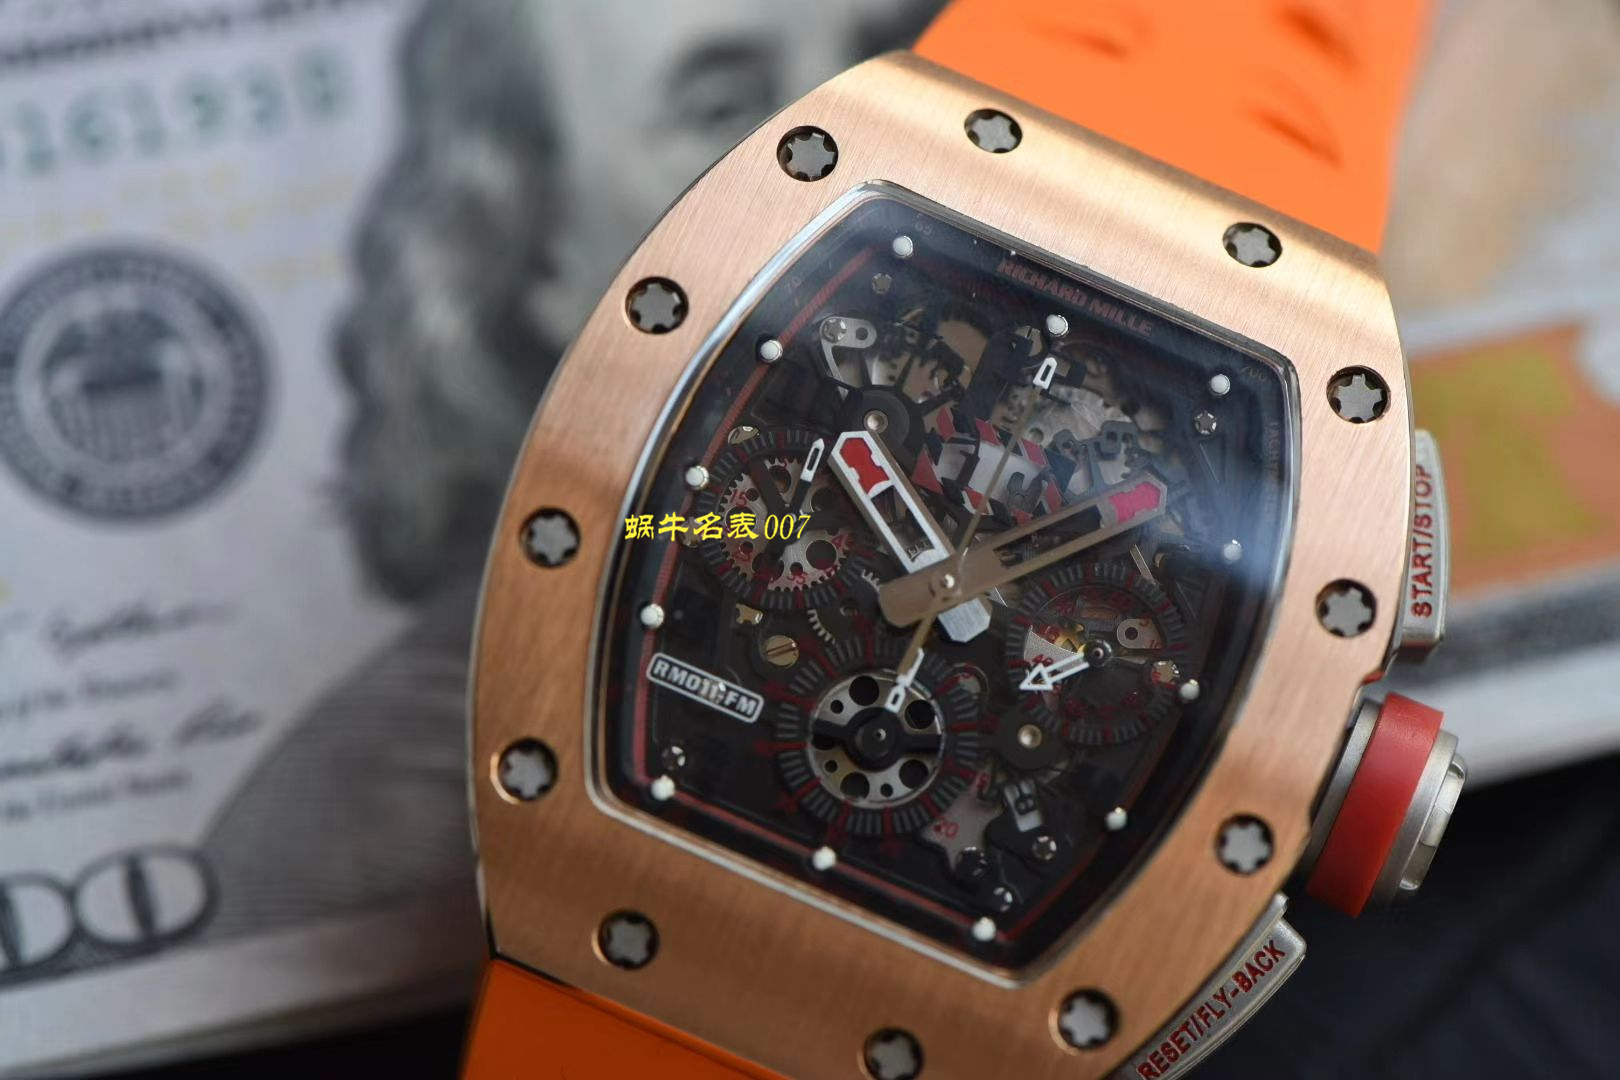 【视频评测台湾kv厂官网】新品复刻手表玫瑰金理查德米勒RM011腕表 / KVRM011jin